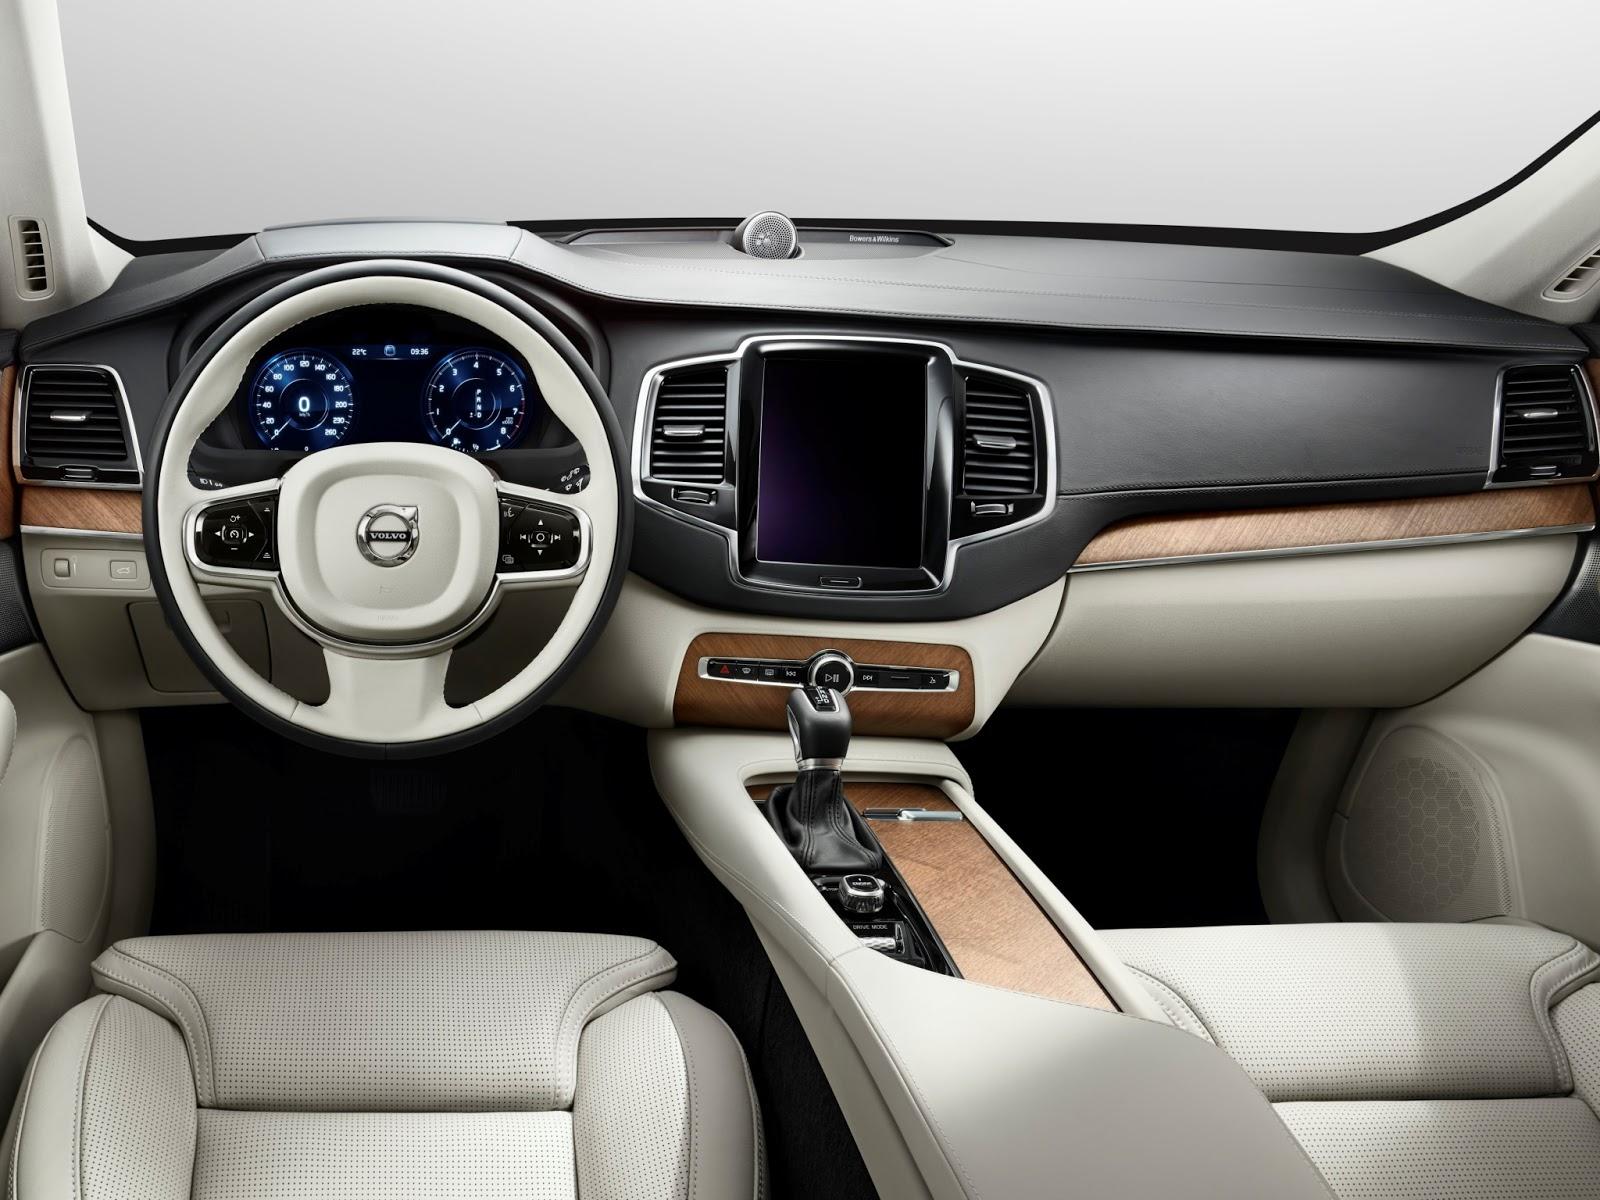 Volvo2BCars2B25CF258425CE25BF2B2016 Τριπλασιασμός λειτουργικών κερδών για τη Volvo το 2016 Sales, Volvo, Volvo S90, Volvo XC90, πωλήσεις